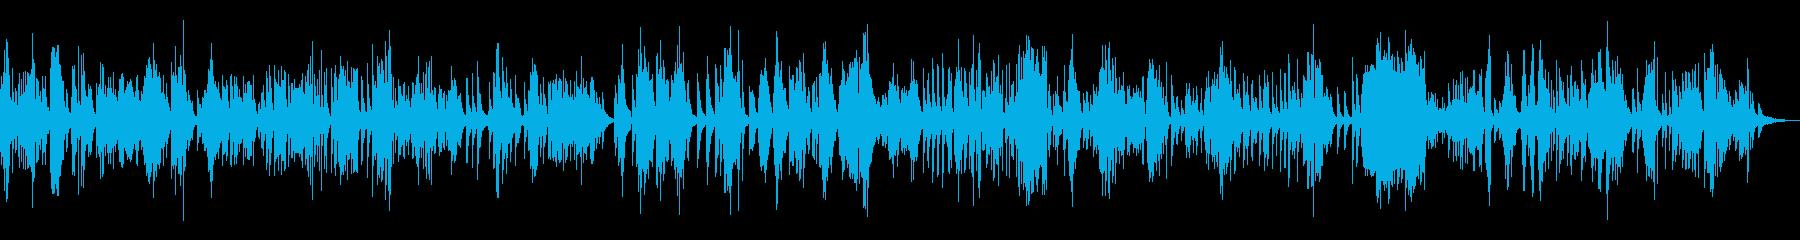 [生演奏]聞き流し用-長尺ピアノソロ01の再生済みの波形